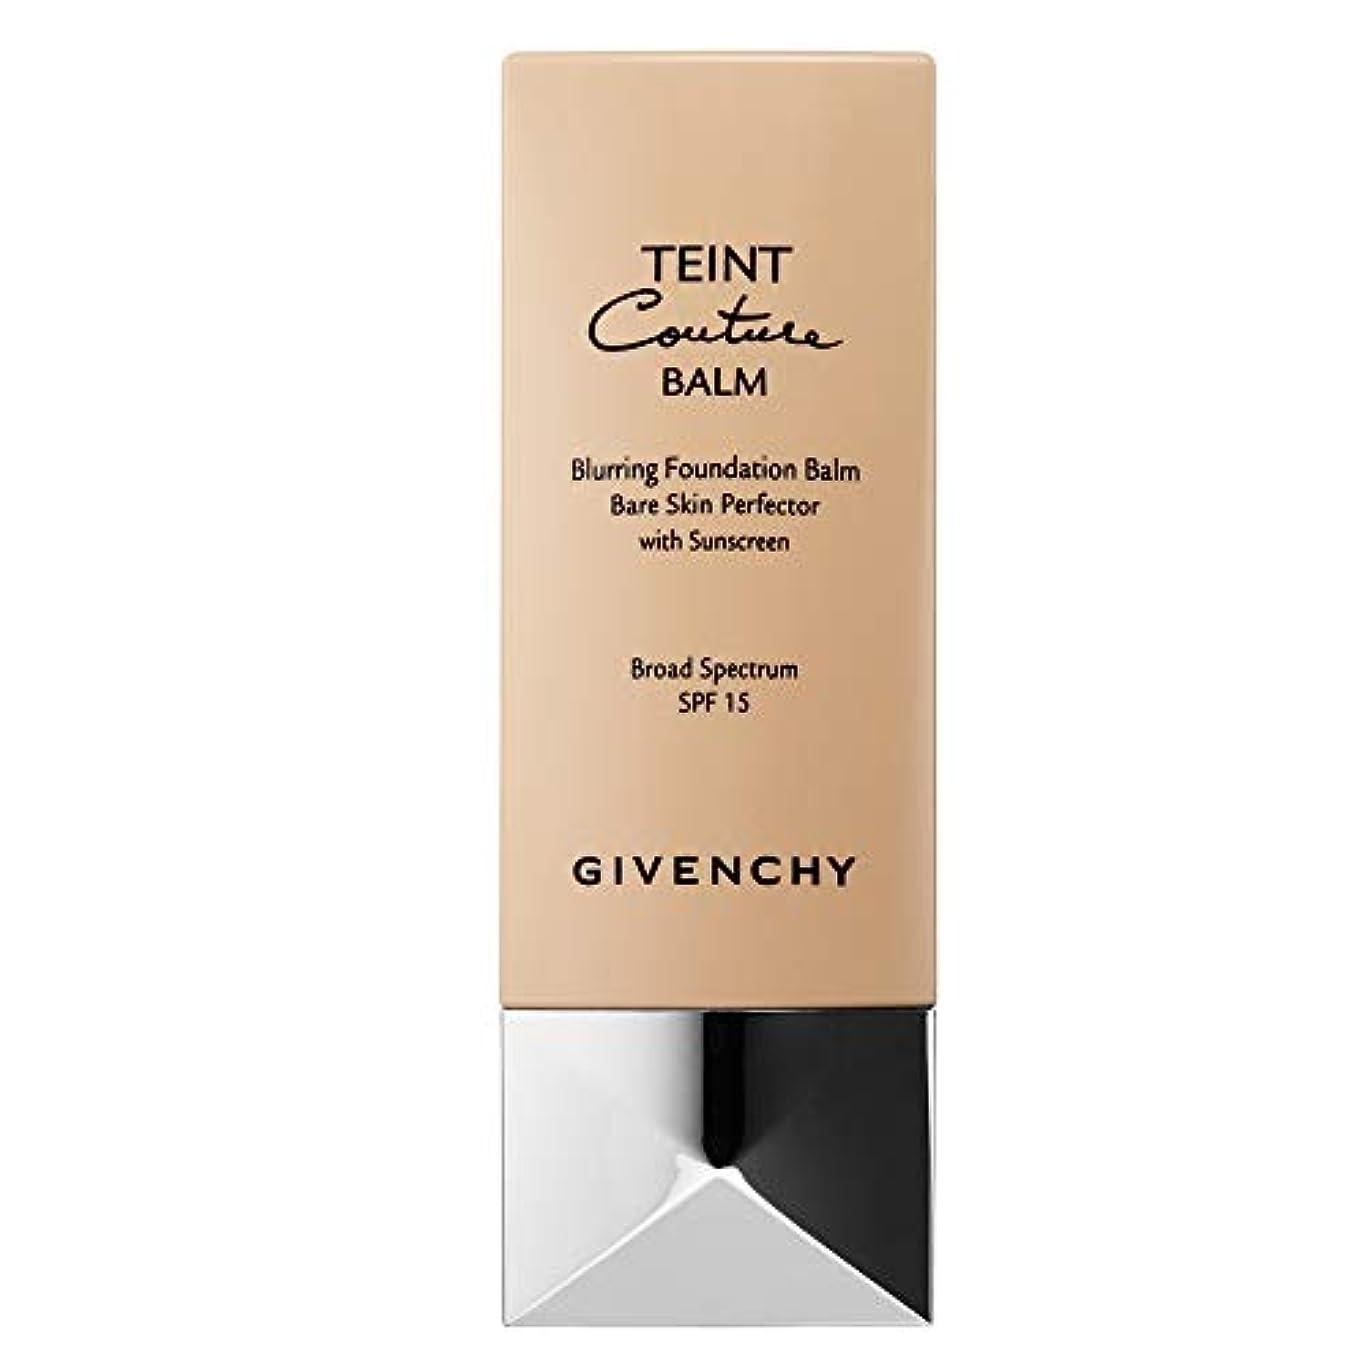 アリーナ環境に優しいトリップジバンシィ Teint Couture Blurring Foundation Balm SPF 15 - # 1 Nude Porcelain 30ml/1oz並行輸入品